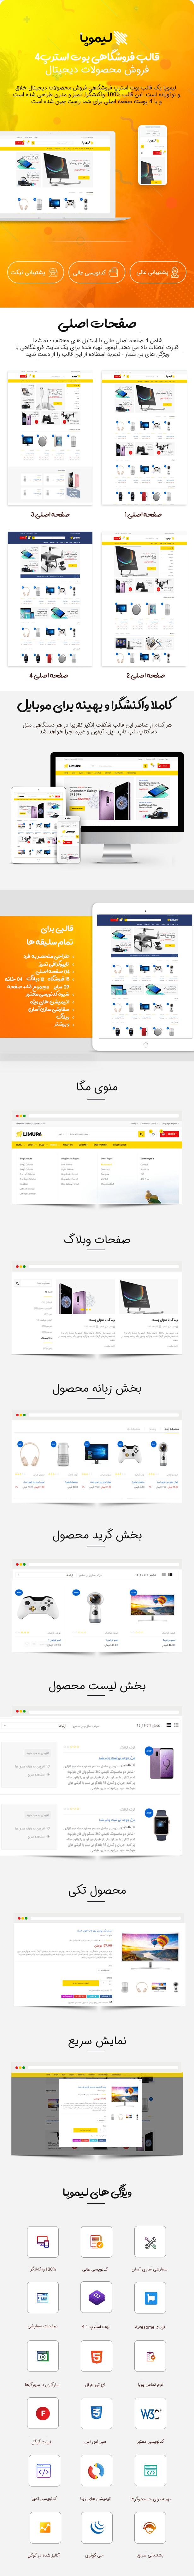 قالب Limupa   قالب HTML فروشگاهی حرفه ای